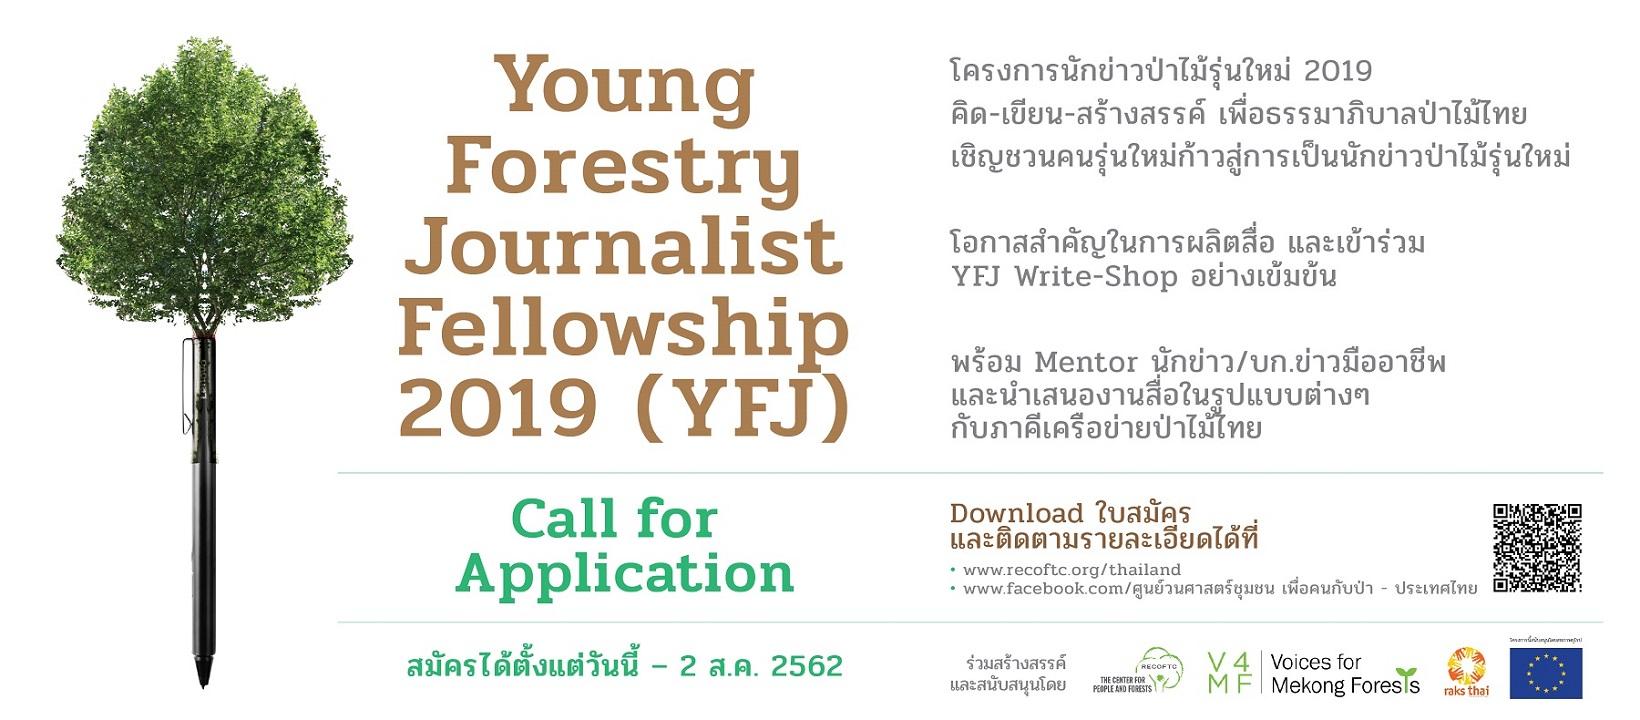 โครงการนักข่าวป่าไม้รุ่นใหม่ หรือ  Young Forestry Journalist Fellowship (YFJ)2019